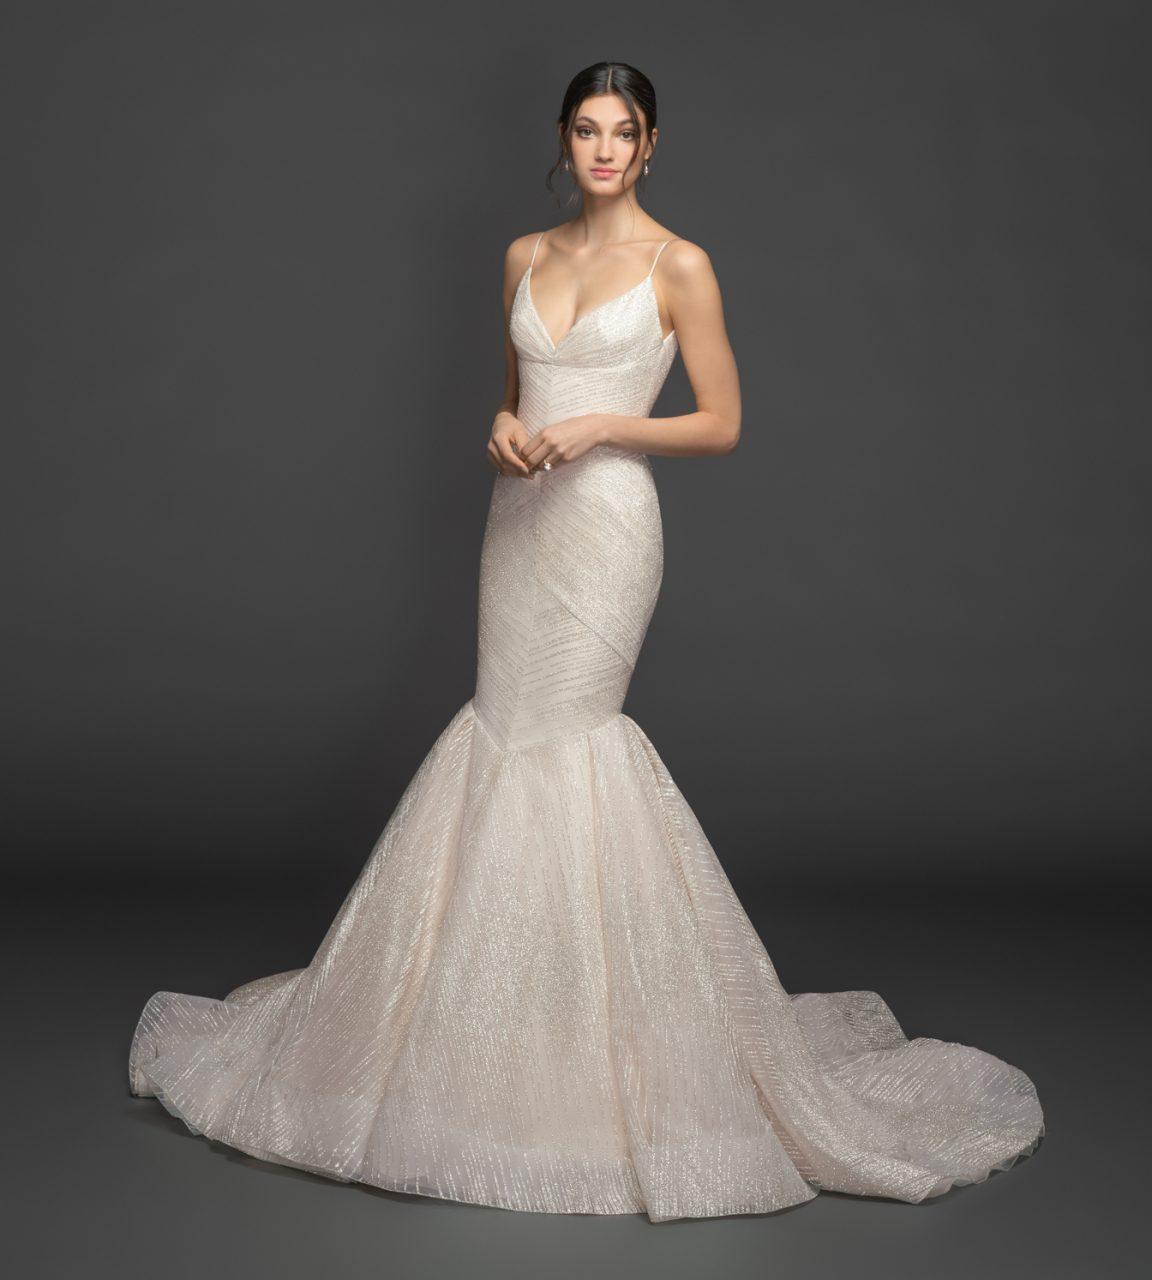 5e822c8ae630f Interview with Lazaro Perez of JLM Couture's Lazaro Bridal - Bridal ...